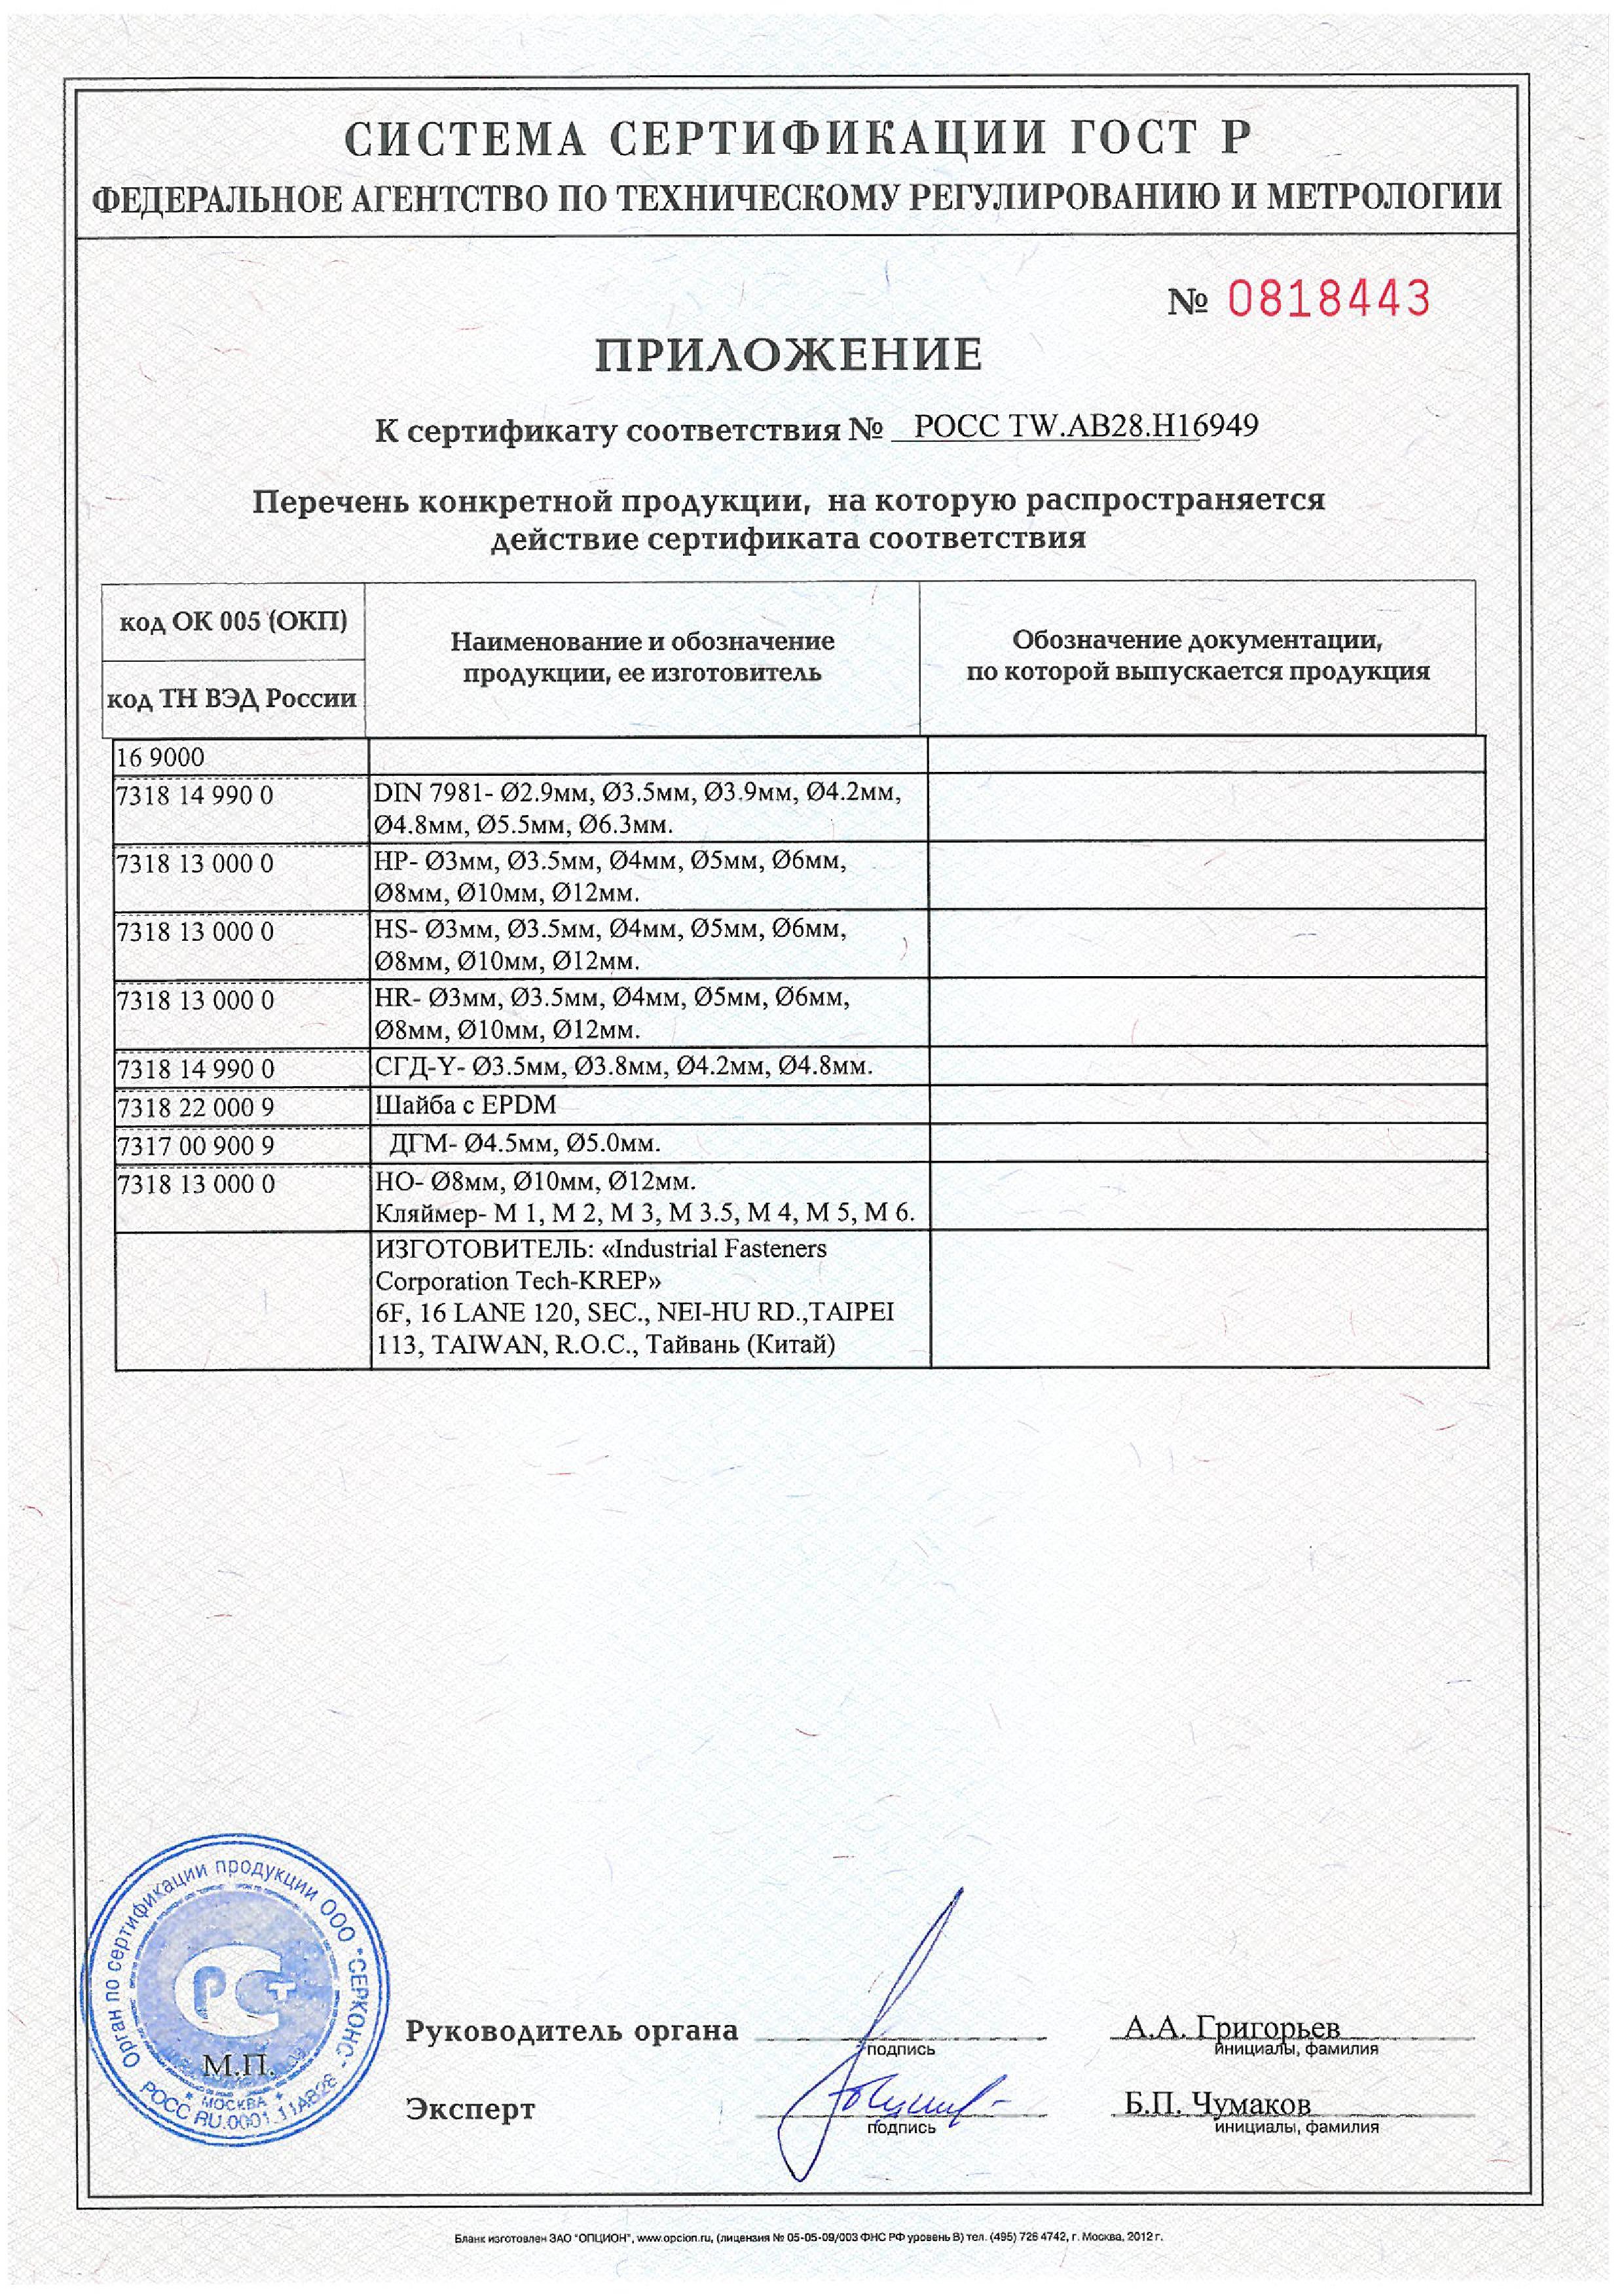 Приложение к сертификату соответствия на изделия крепежные из металла. Стр. 2